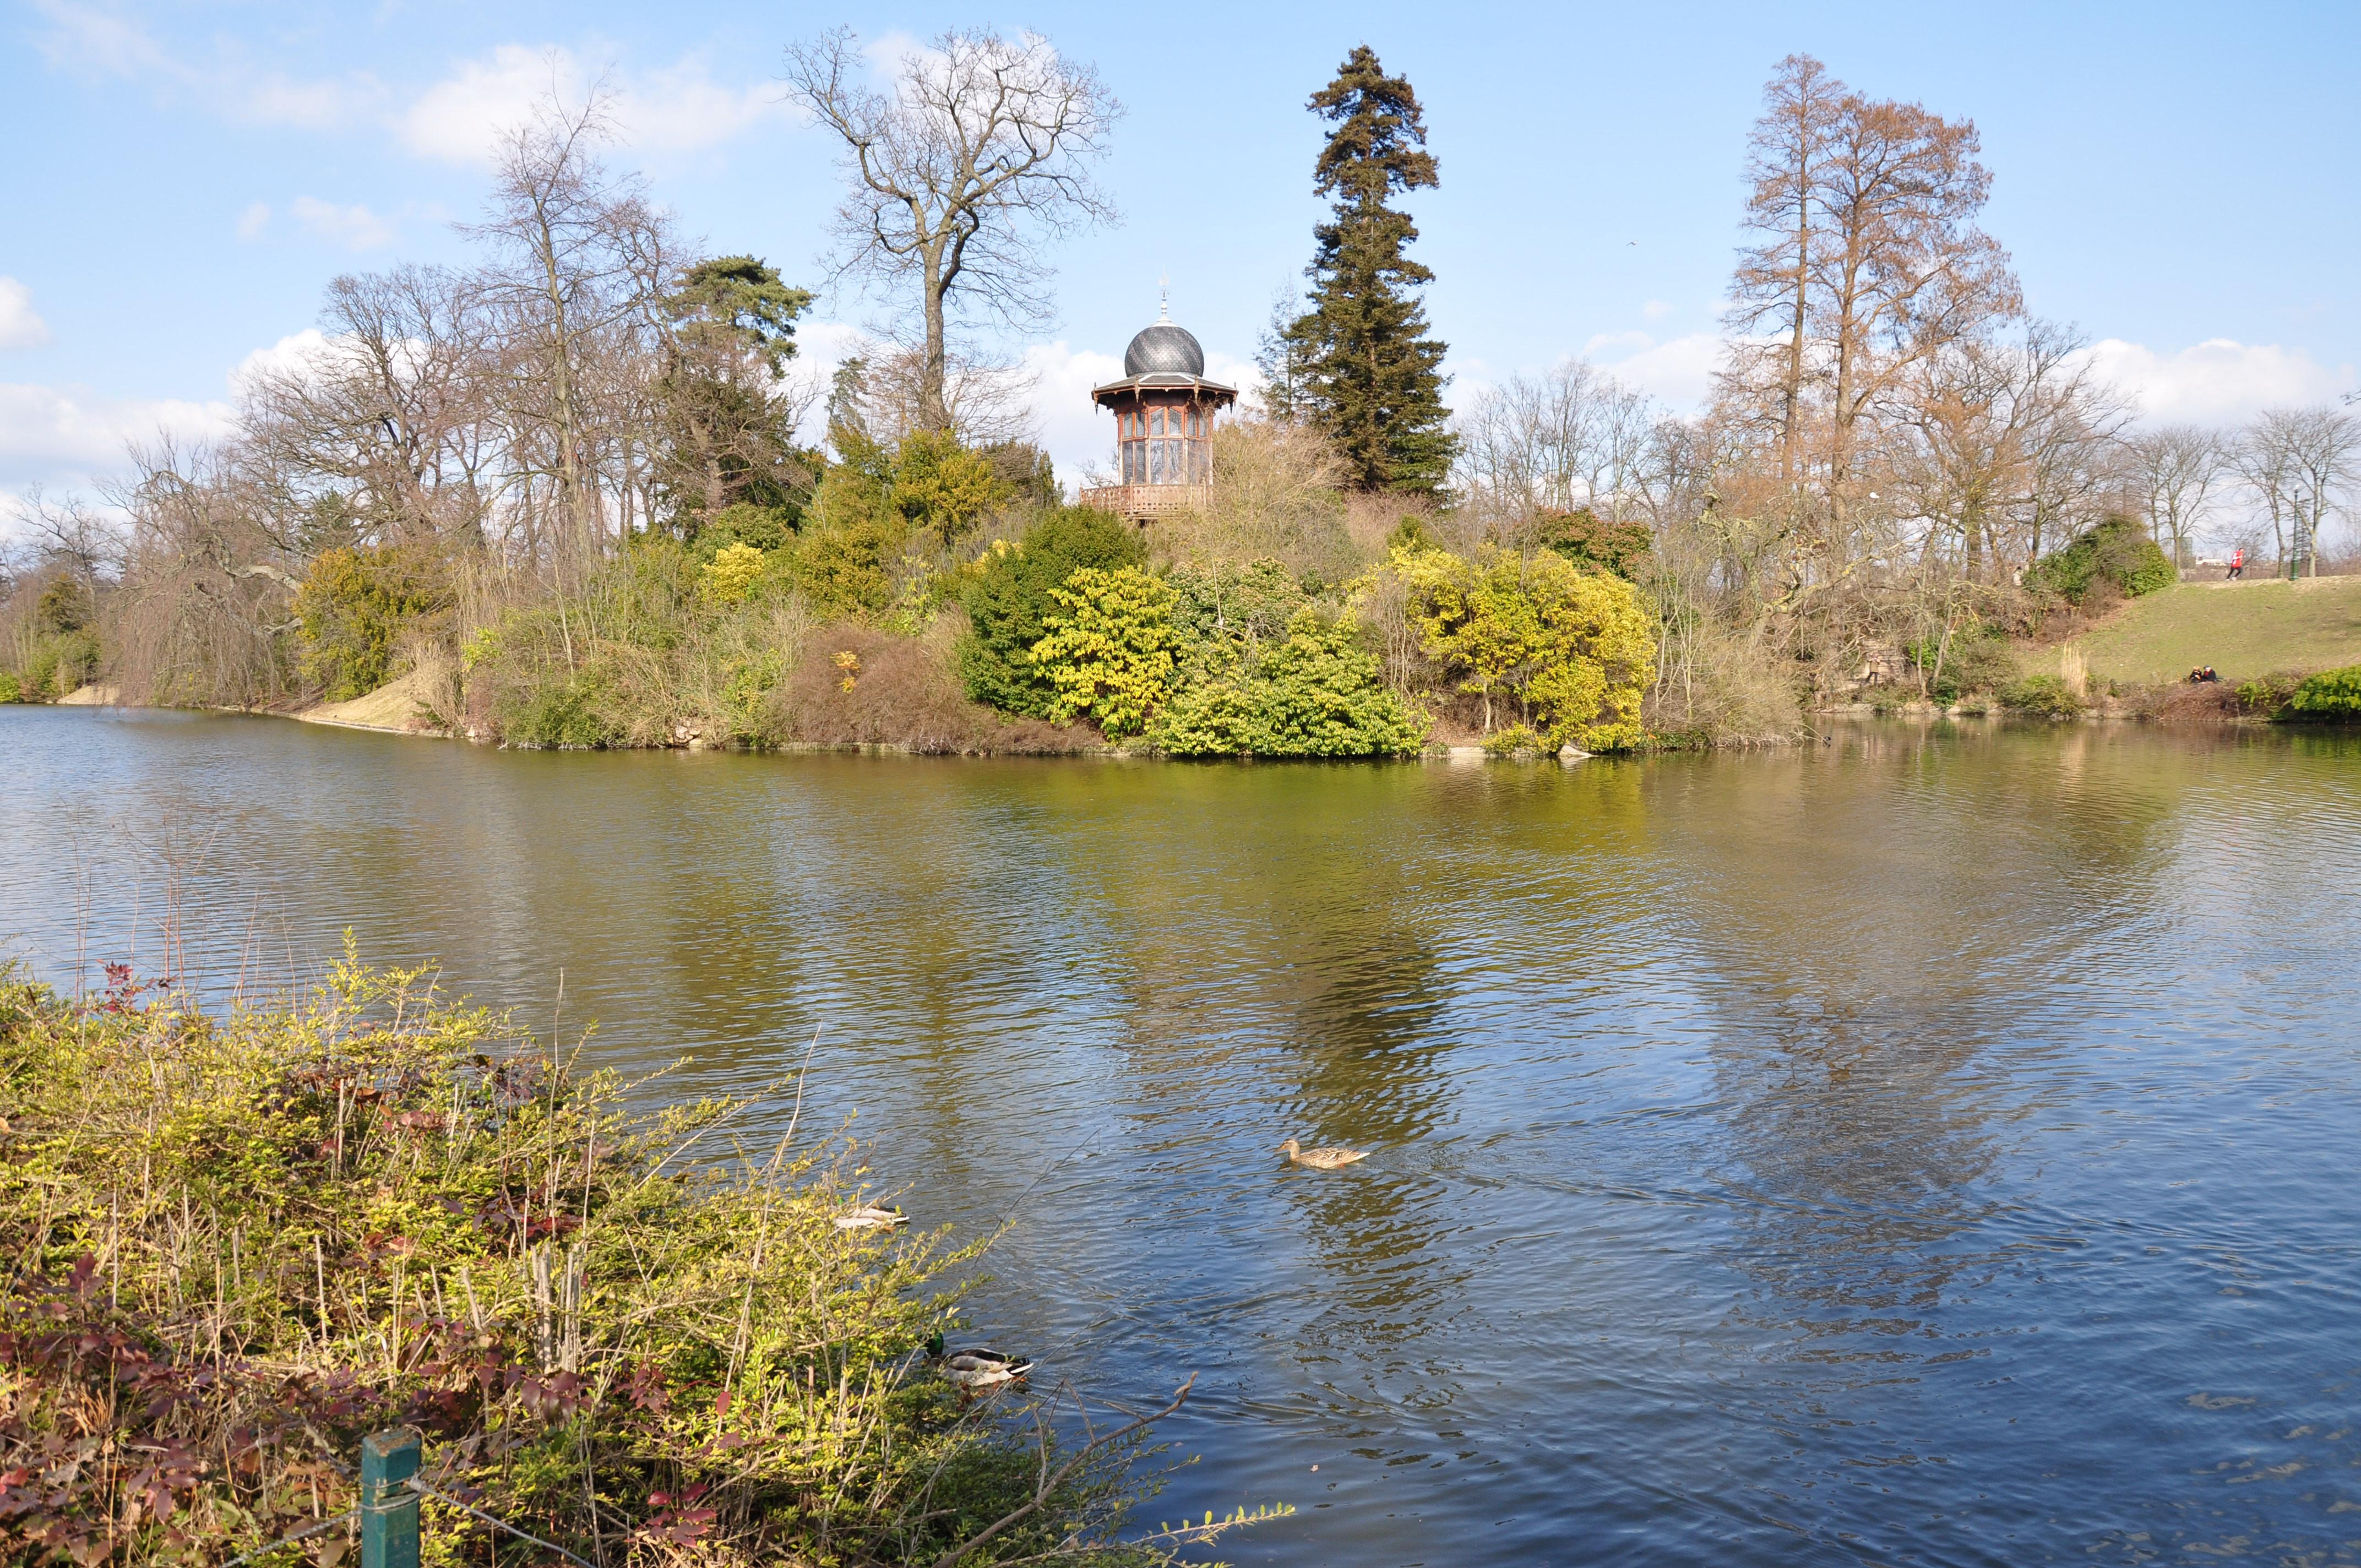 Un corps démembré découvert au Bois de Boulogne — Paris